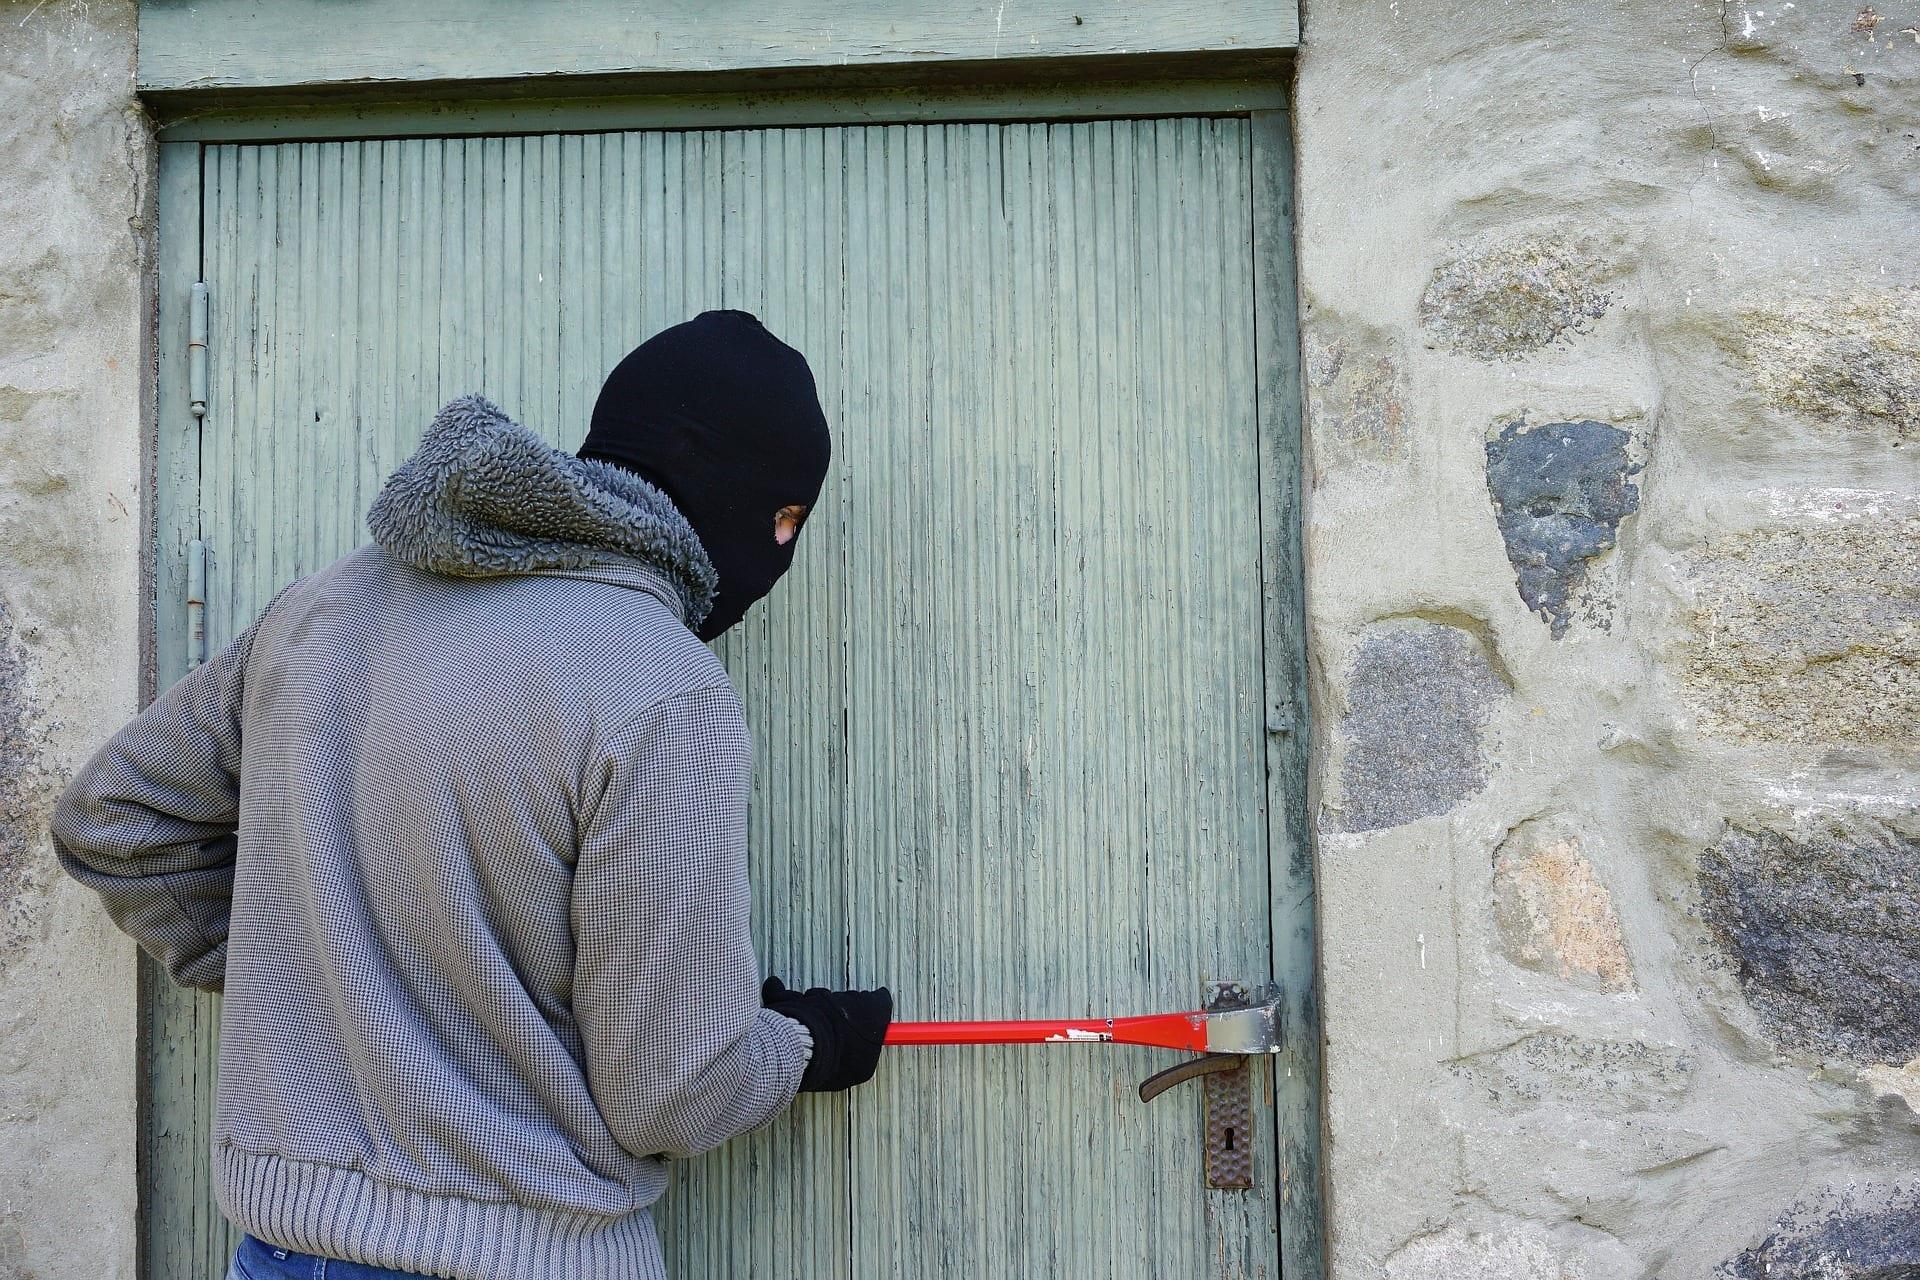 thief 1562699 1920 - Wo lebt es sich am sichersten in Deutschland?